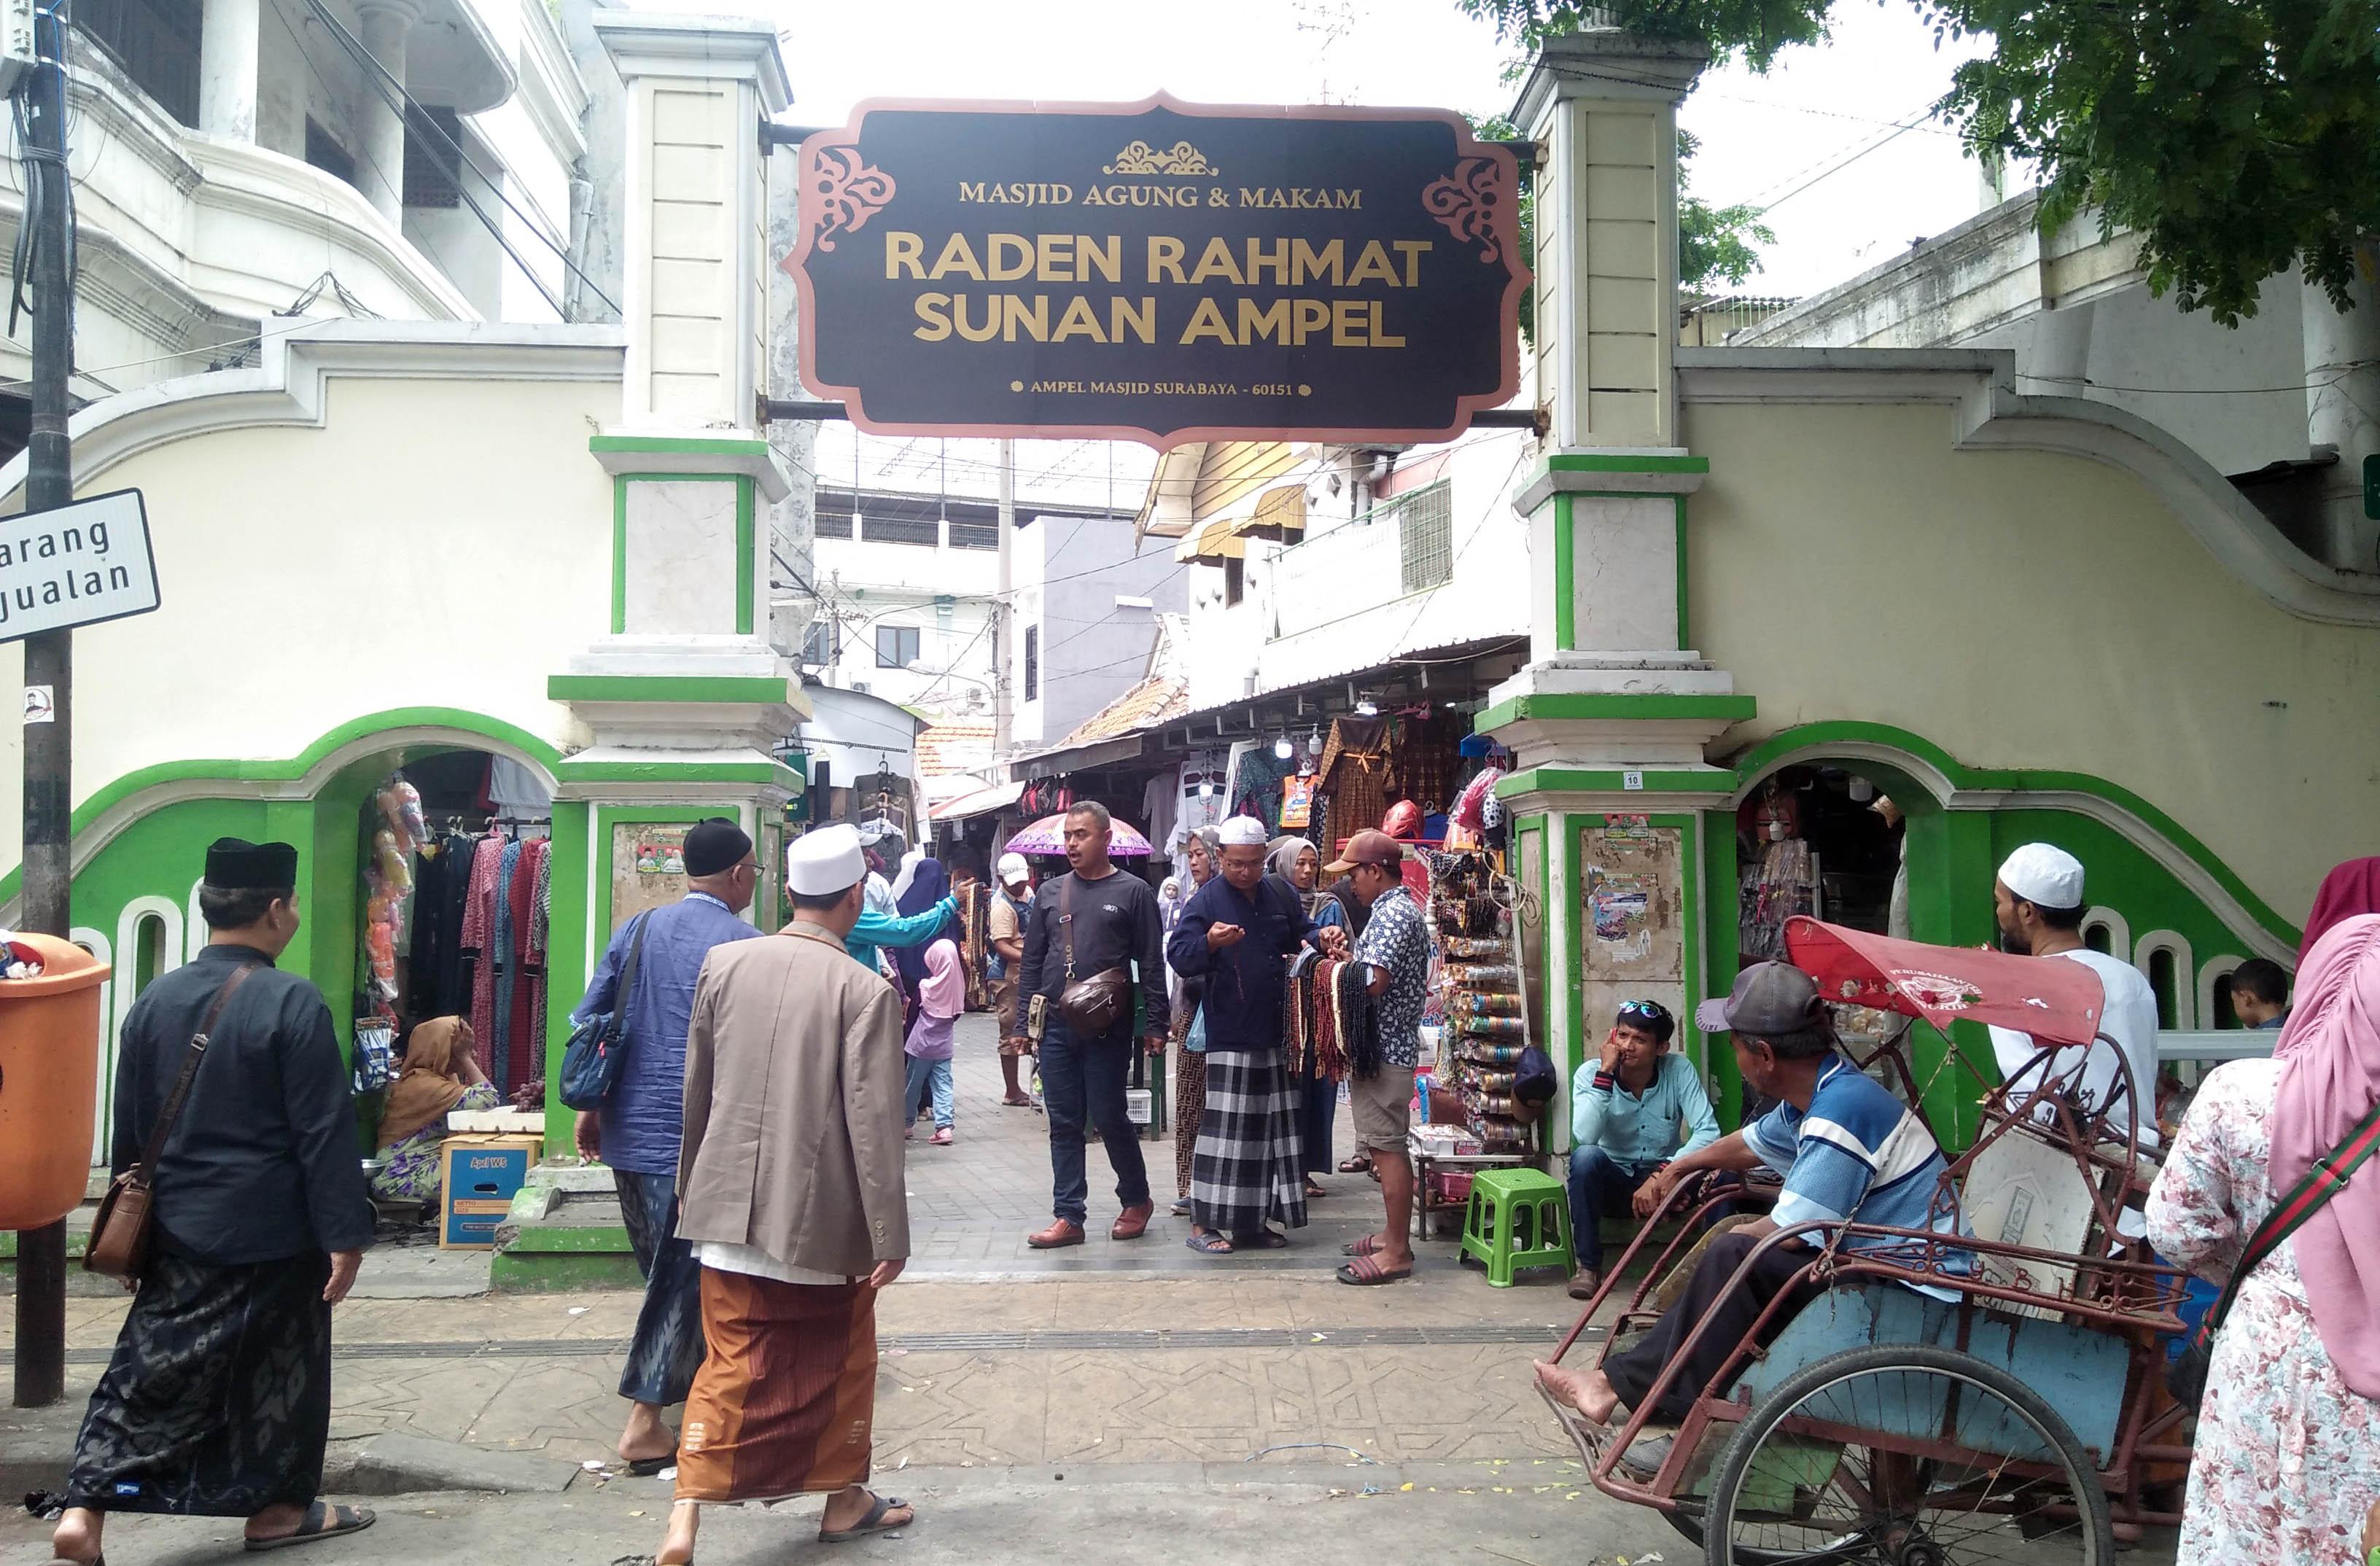 Potensi Wisata Halal di Jatim Jadi Andalan